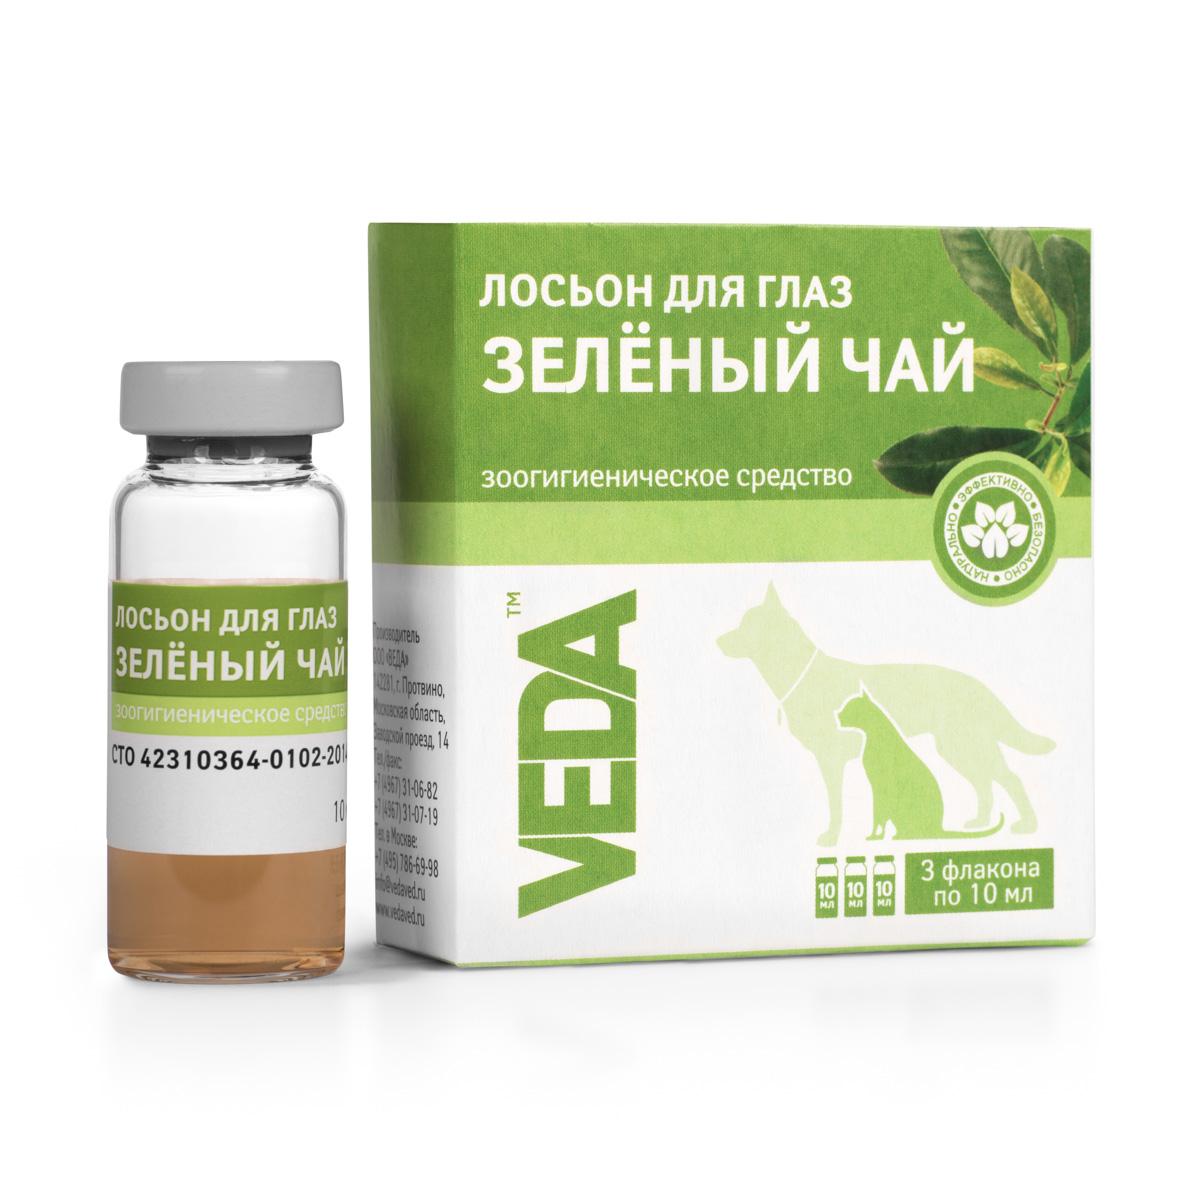 Лосьон для глаз VEDA Фитогигиена. Зеленый чай, для кошек и собак, 3 шт х 10 мл4605543006418Лосьон для глаз VEDA Фитогигиена. Зеленый чай применяют для гигиенической обработки глаз собак, кошек и других мелких домашних животных при предрасположенности слизистых к воспалениям, раздражениям, сухости. Лосьон является отваром листьев зелёного чая, обладающего антибактериальными, смягчающими и вяжущими свойствами. Очищает от выделений, снимает отёки и красноту глаз.Подходит для частого применения.Состав: вода очищенная; извлечение из растительного сырья, соответствующее названию лосьона: листьев зеленого чая.Товар сертифицирован.